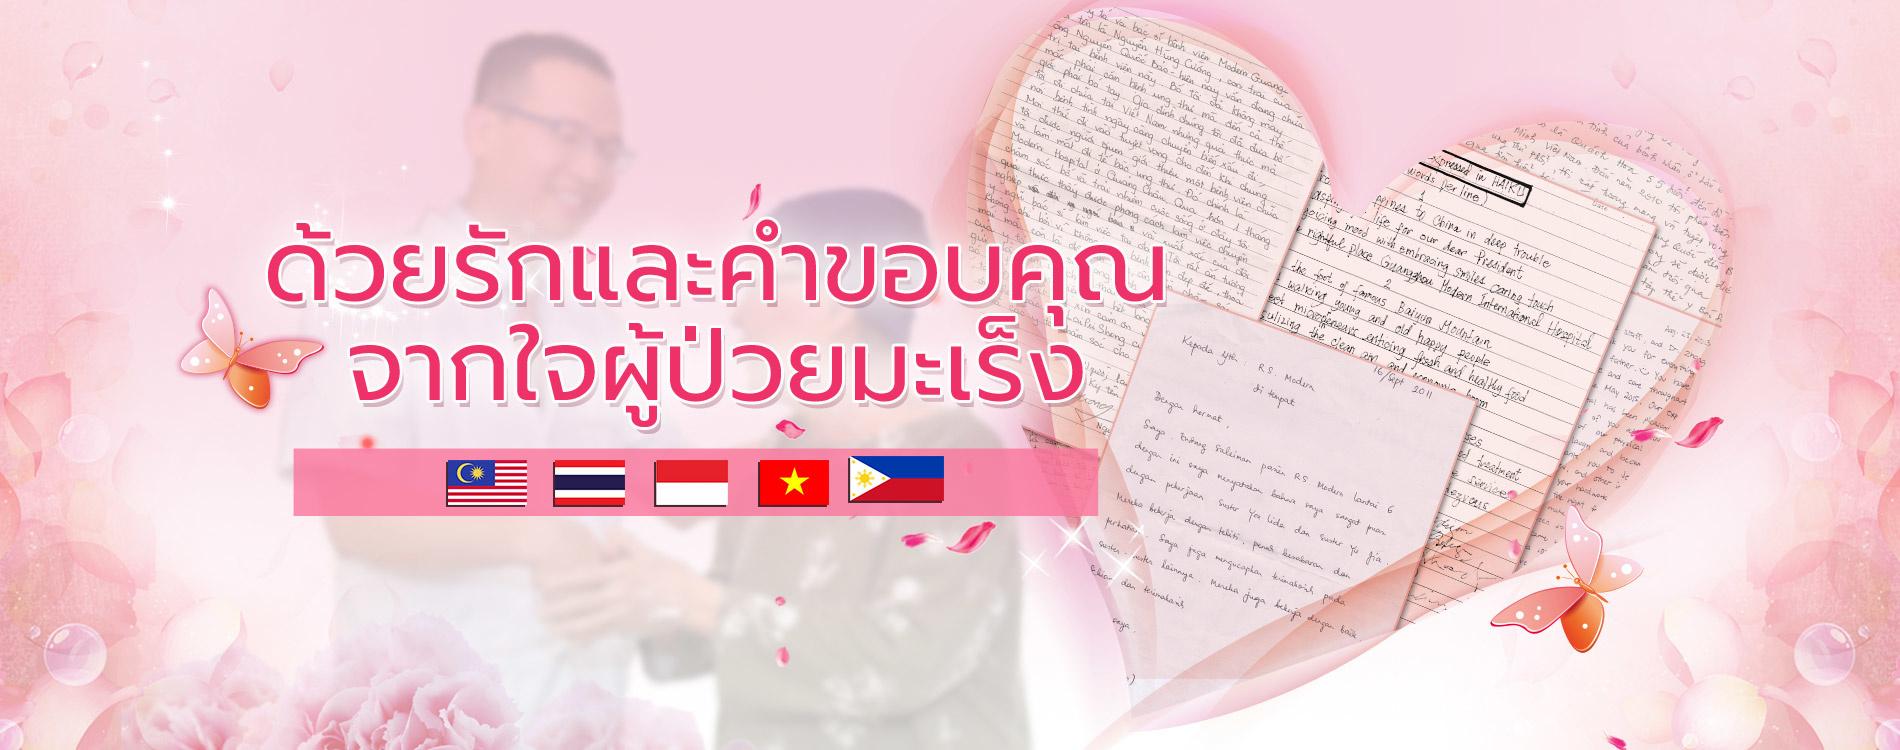 http://www.moderncancerthai.com/banner/6772.html